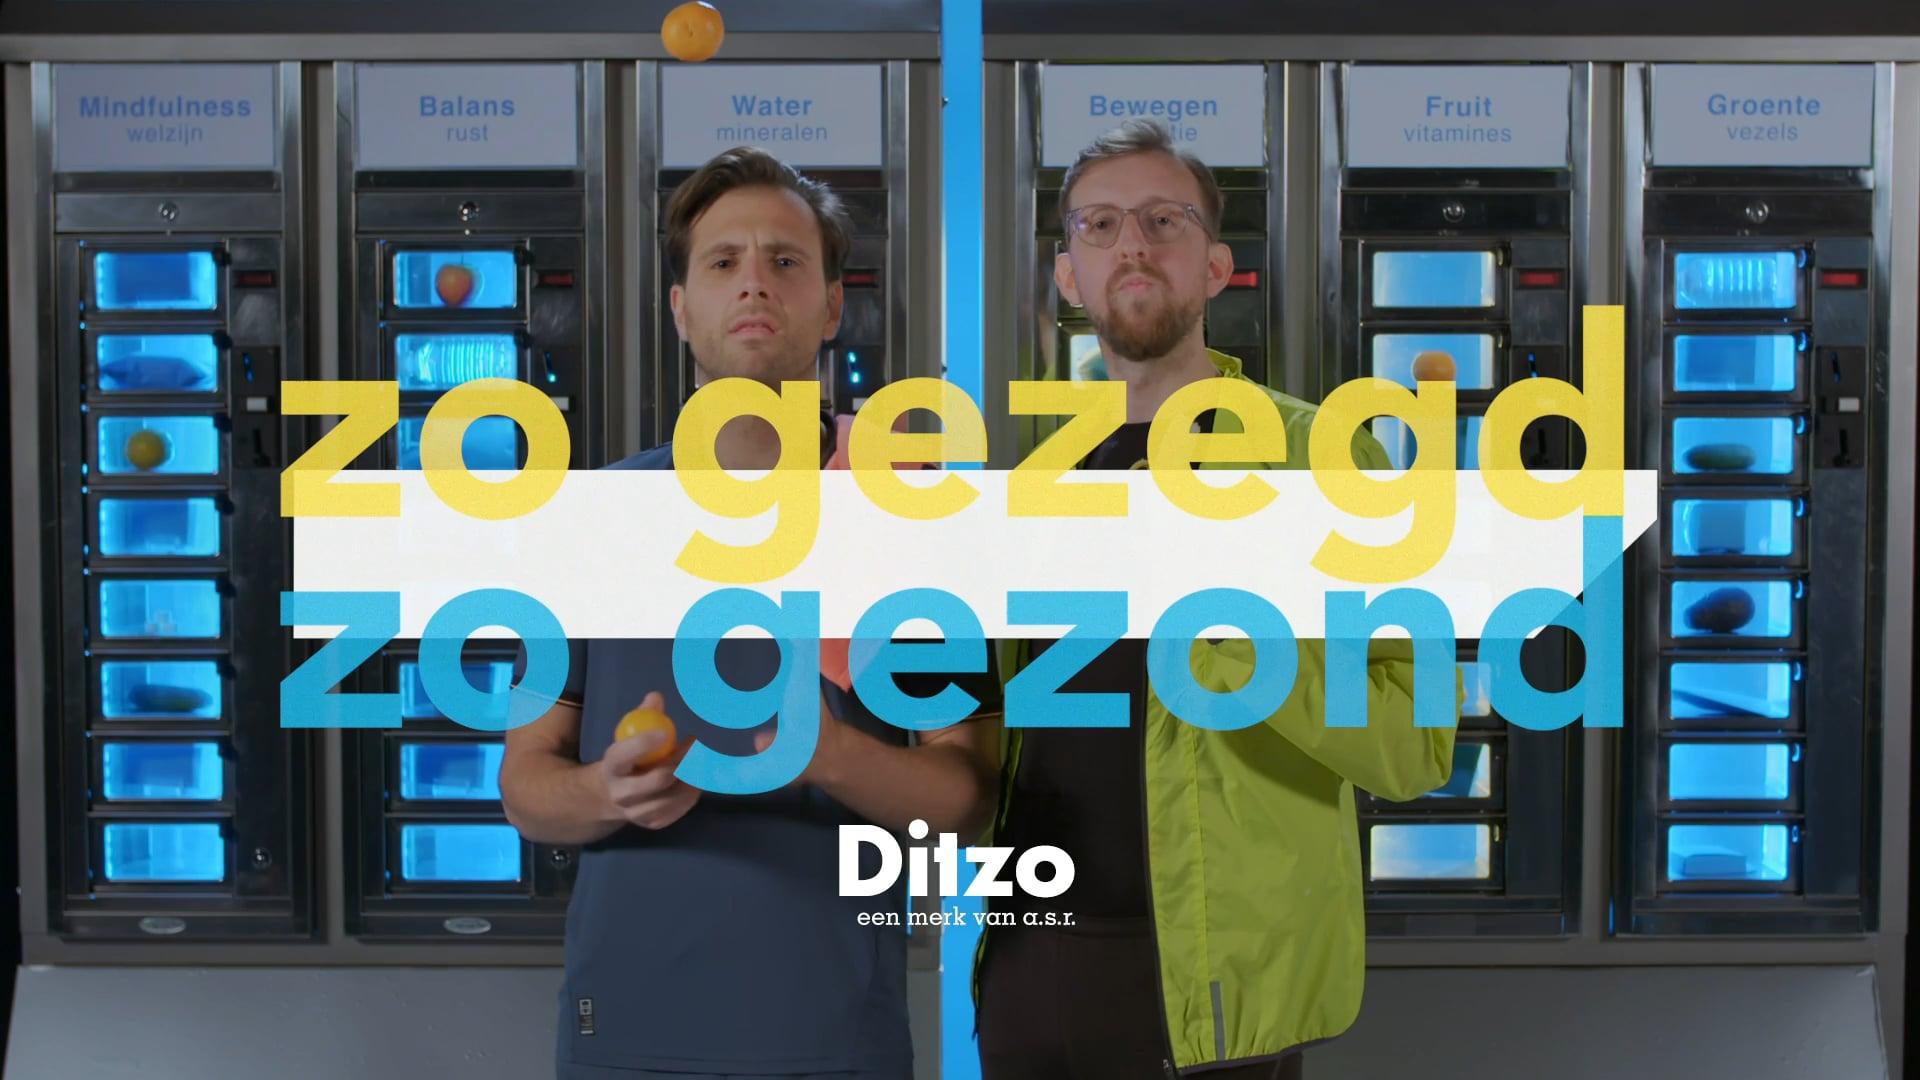 Ditzo - Zo Gezegd, Zo Gezond - 10K Stappen